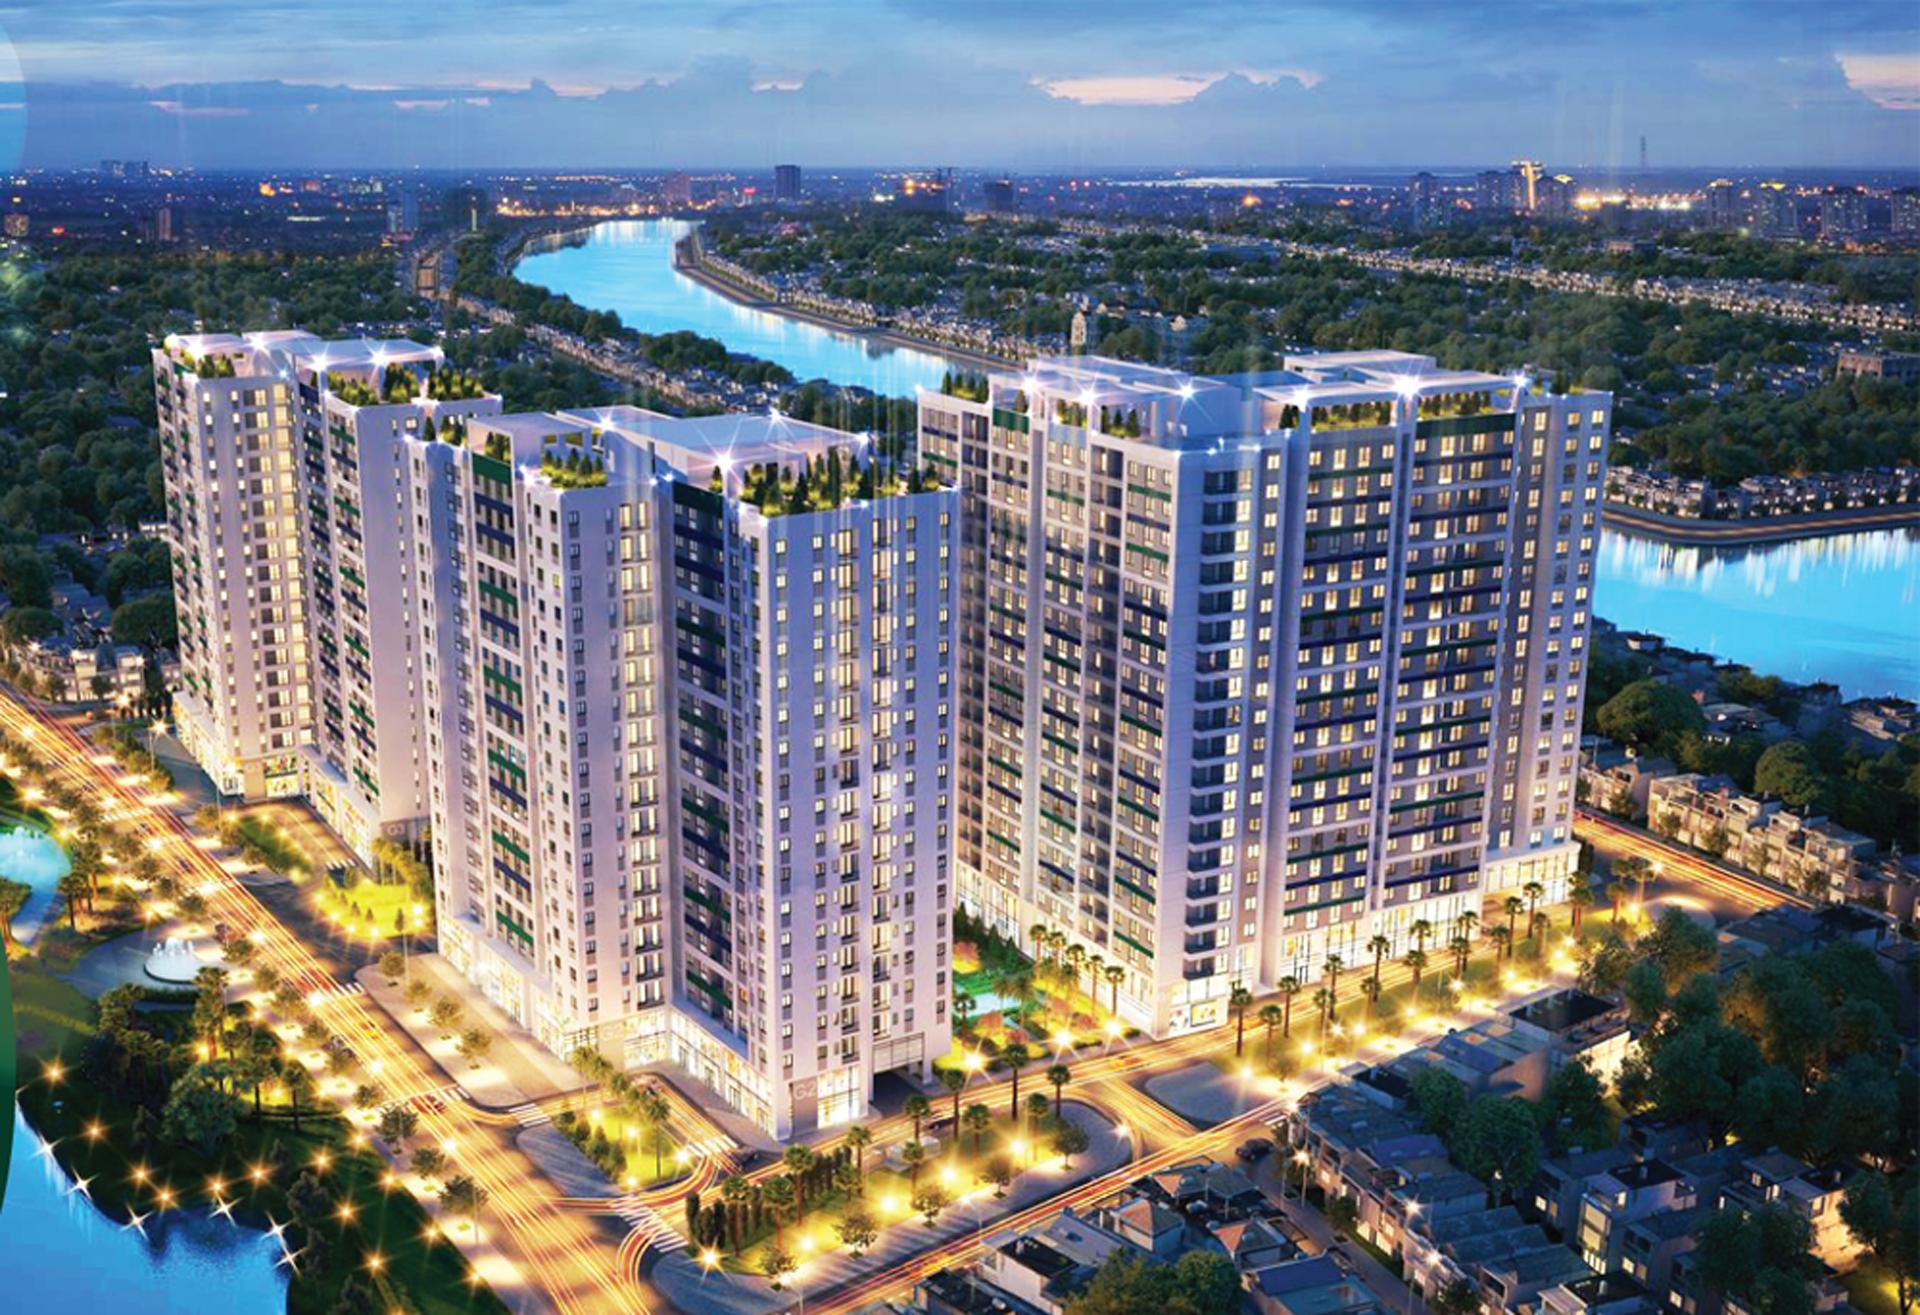 Phối cảnh dự án căn hộ chung cư Hà Đô Green Lane Quận 8 mới 2020